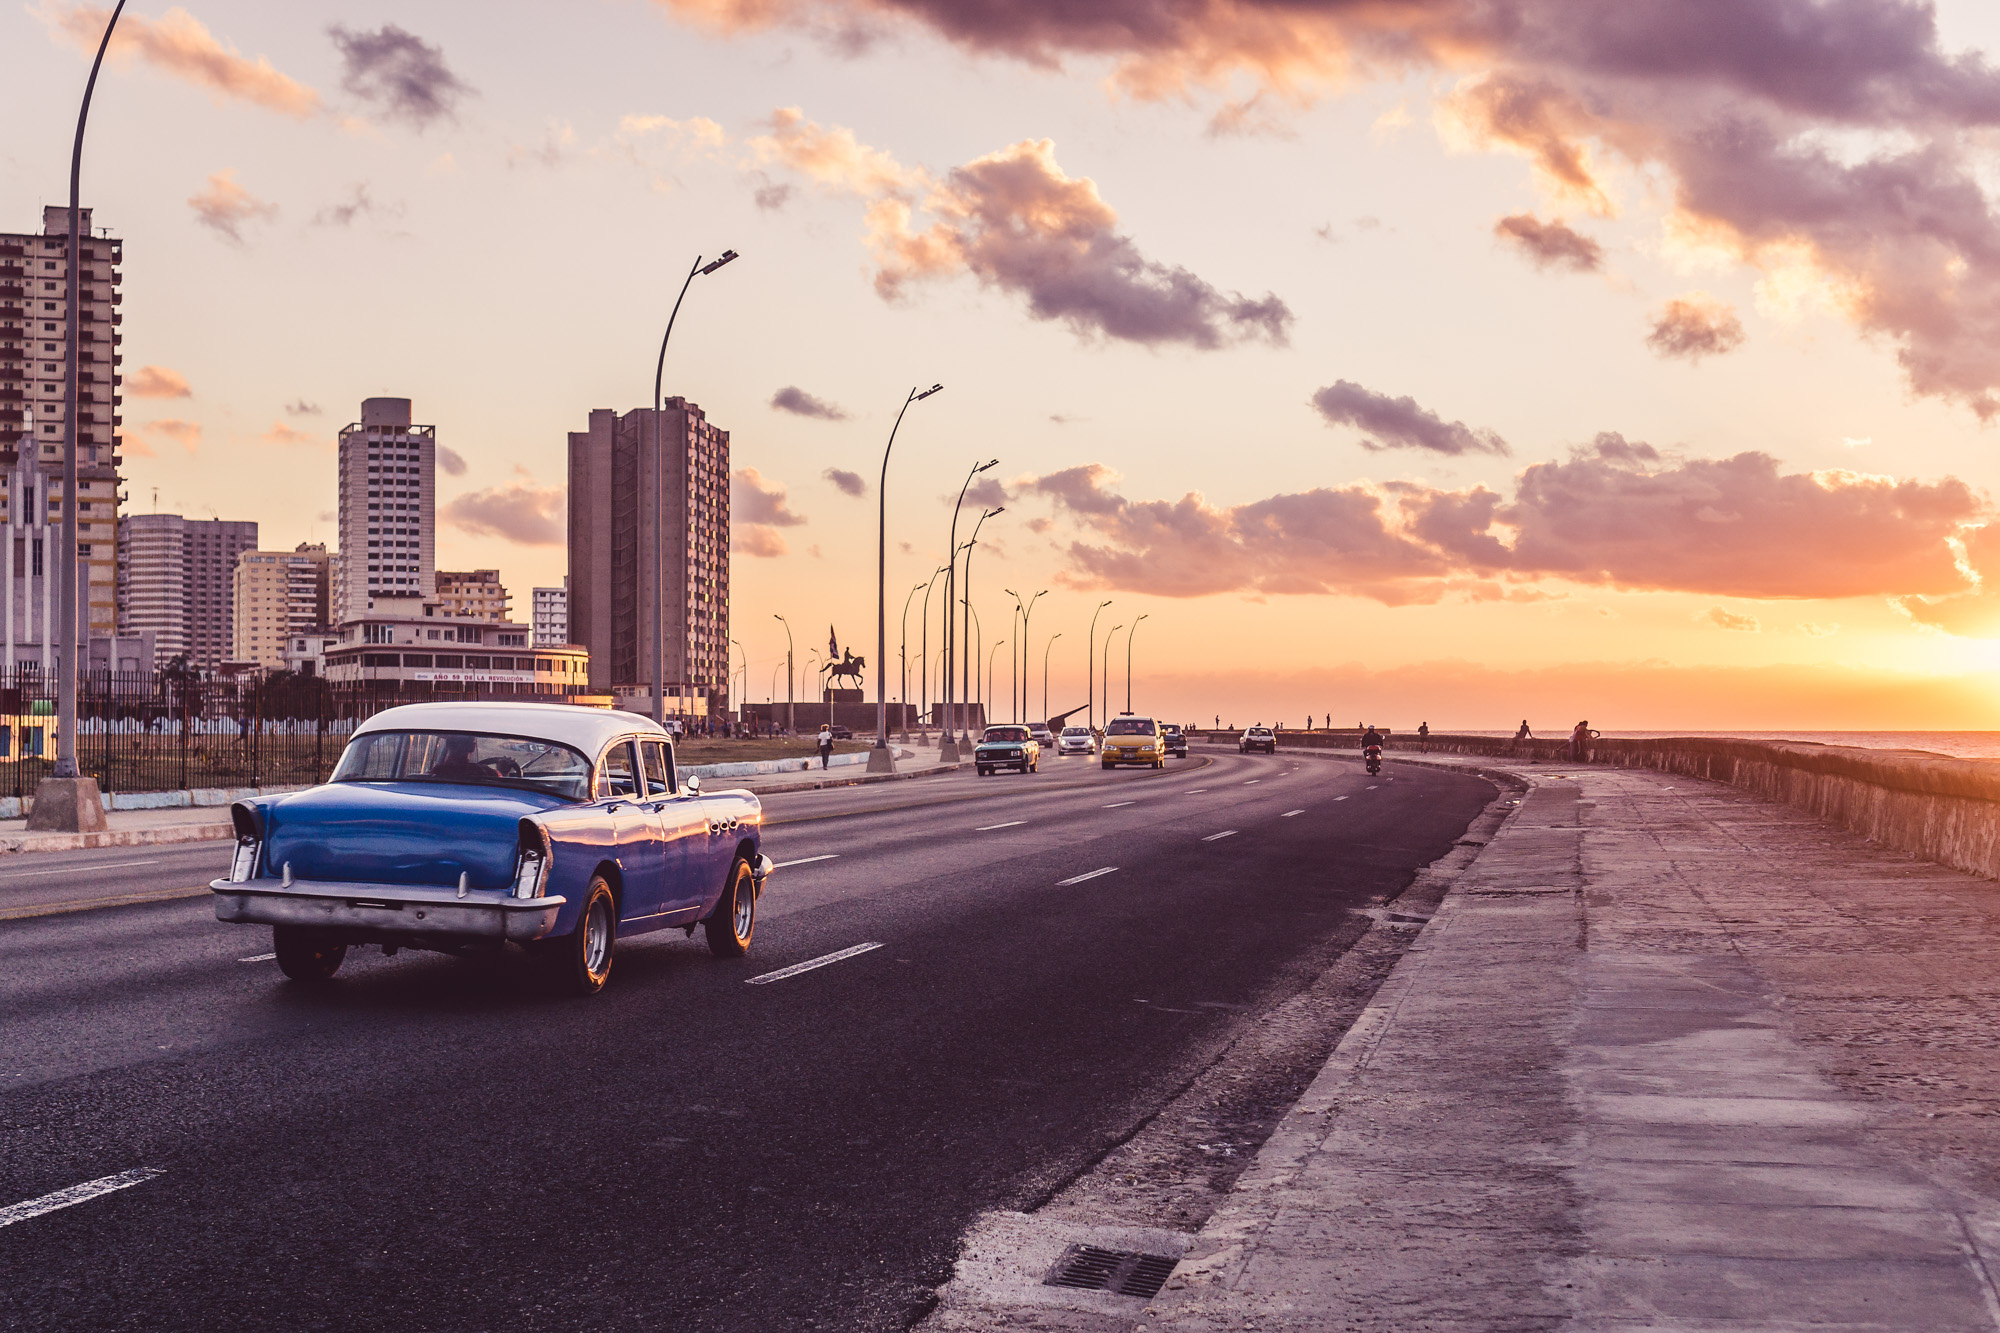 Golden hour street scene in Havana, Cuba